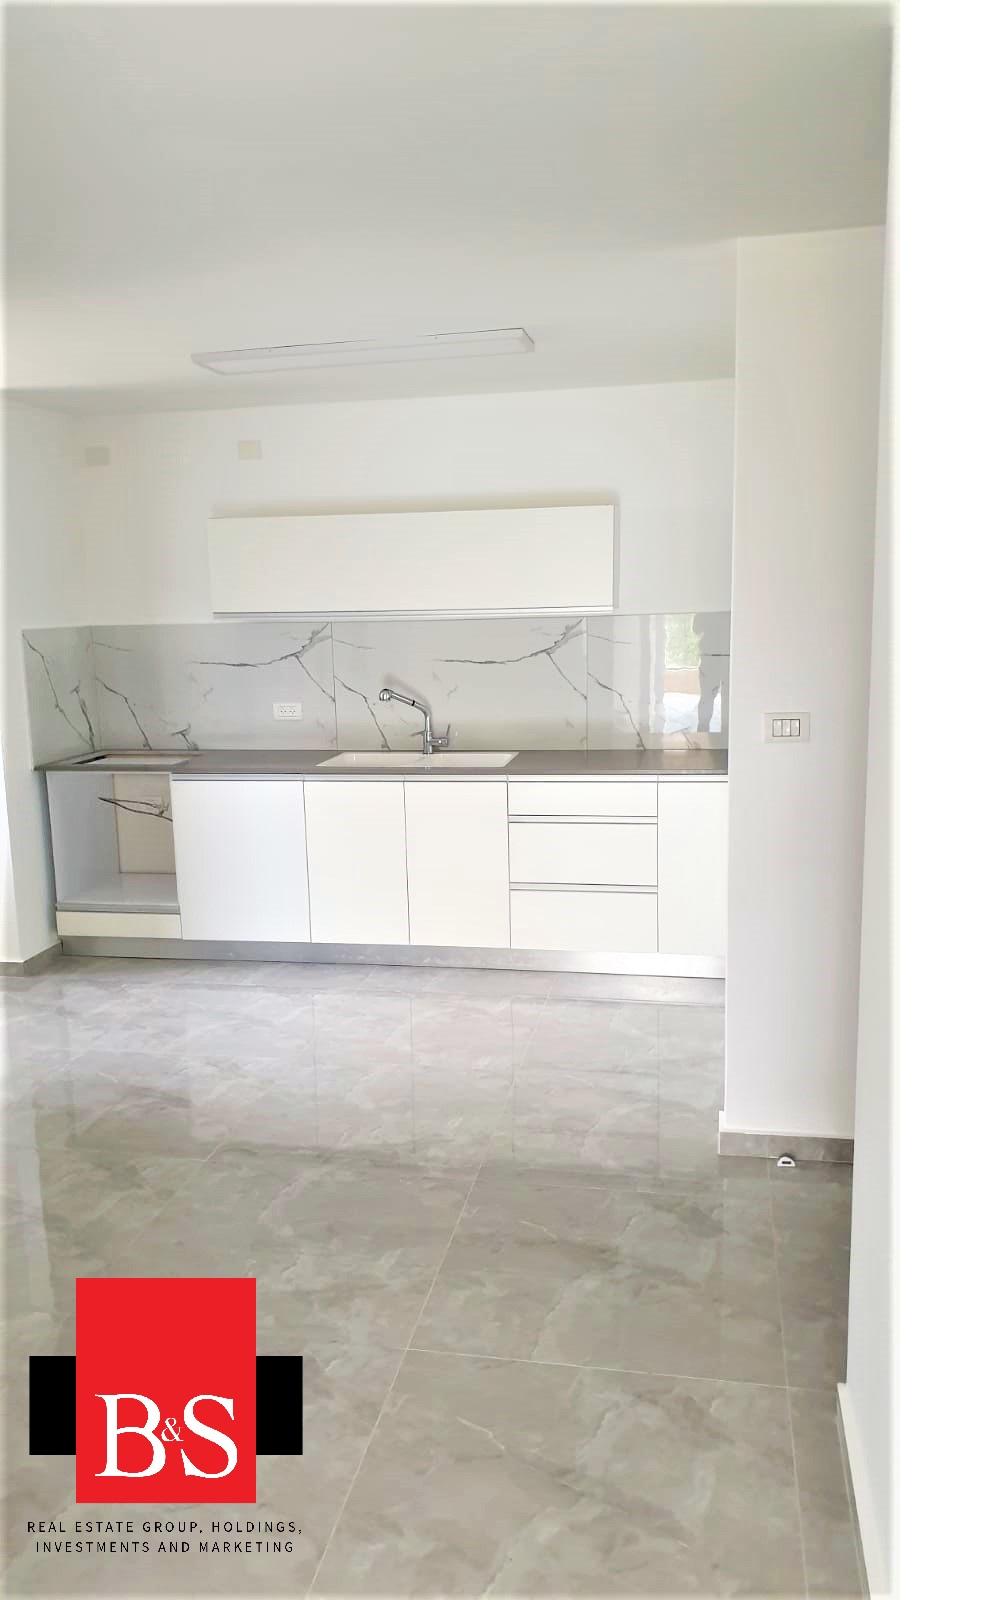 דירת 4.5 חדרים, רחוב בן צבי ,שכונת רמת חן ובן ציון, נתניה